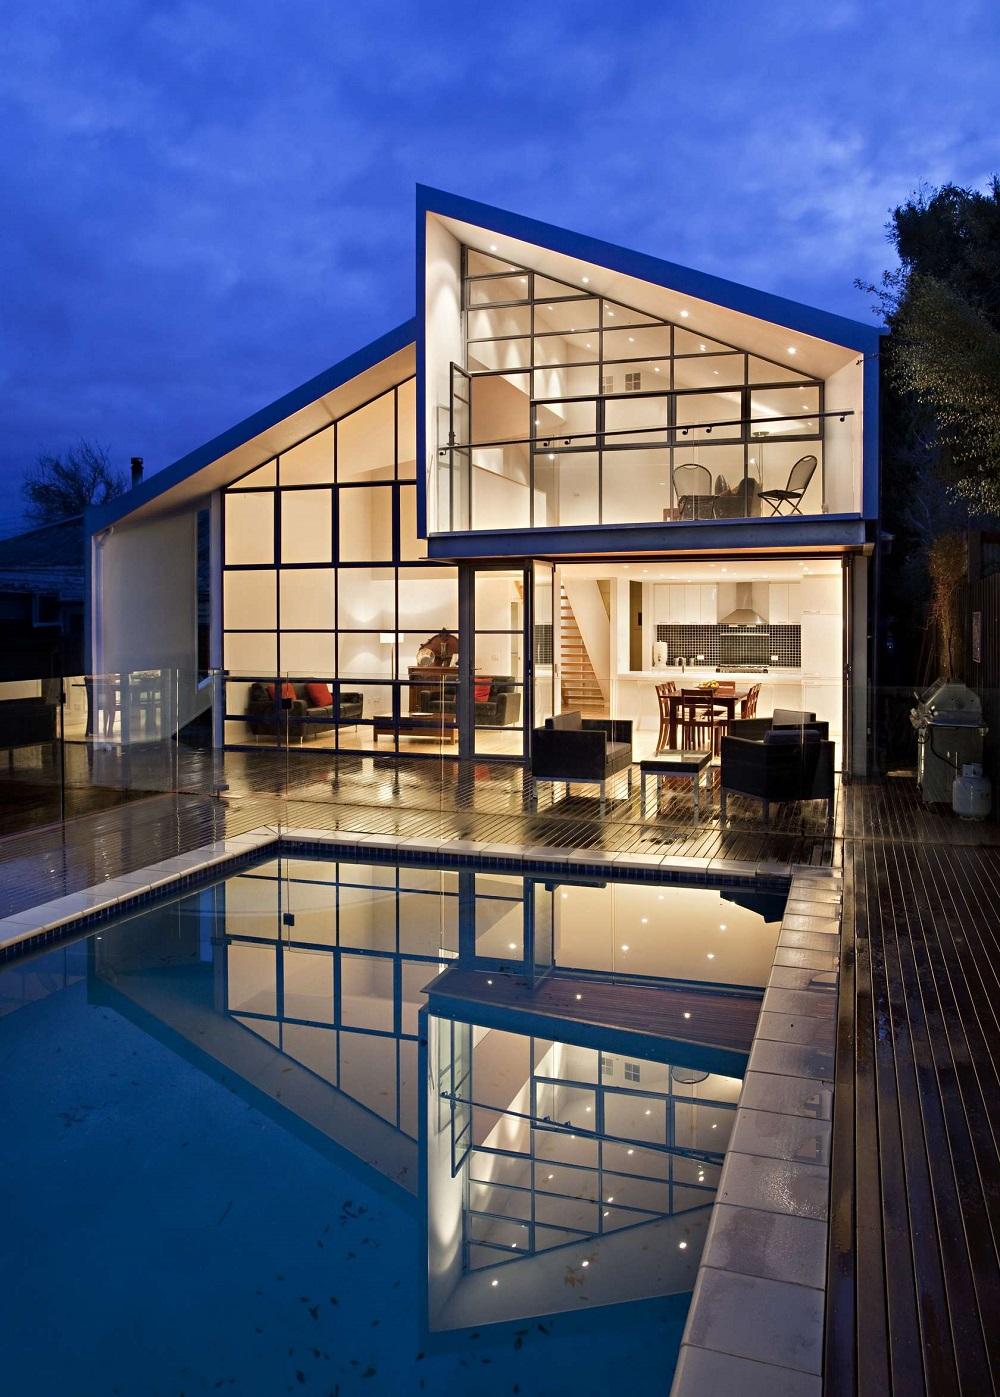 Дома с витражным остеклением прекрасно выглядят как в днем, так и вечером